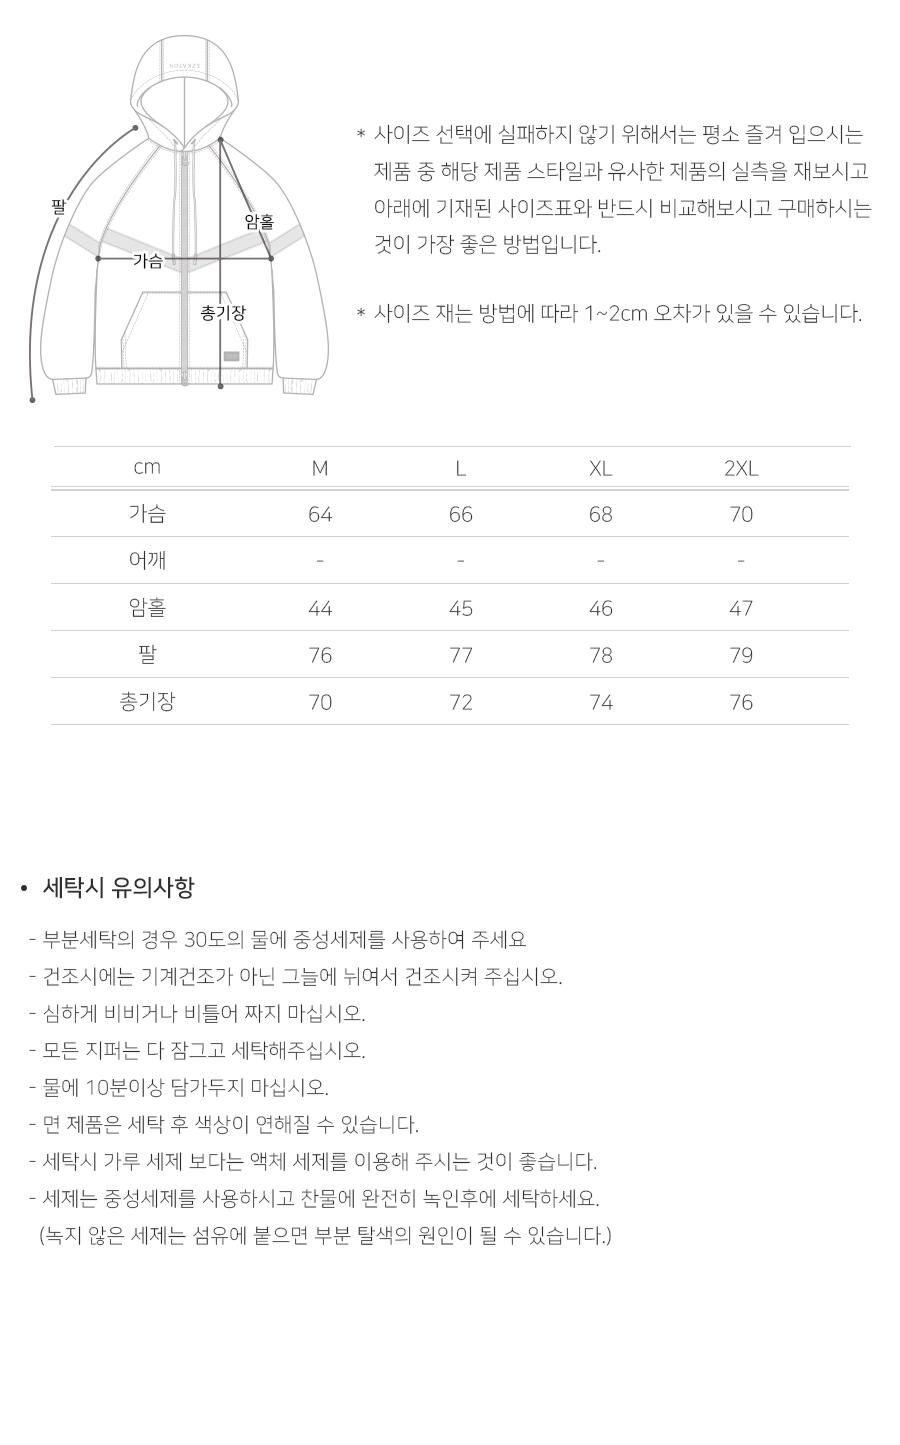 [에즈카톤] 클라시 후드집업 4종 LMHD6607